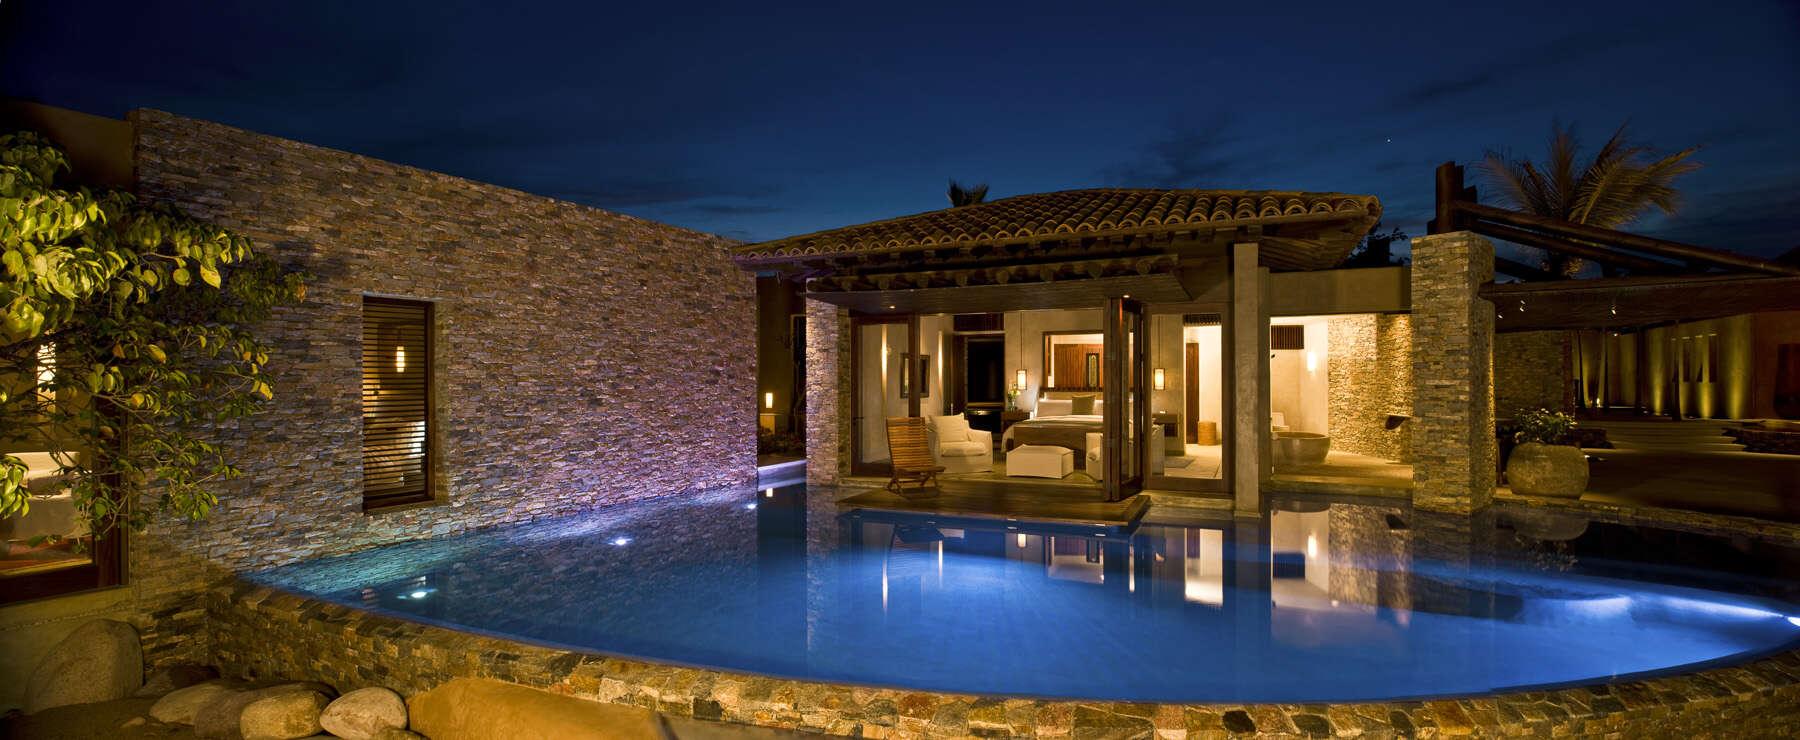 Luxury vacation rentals mexico - Punta mita - La punta estates - Casa Majani - Image 1/19